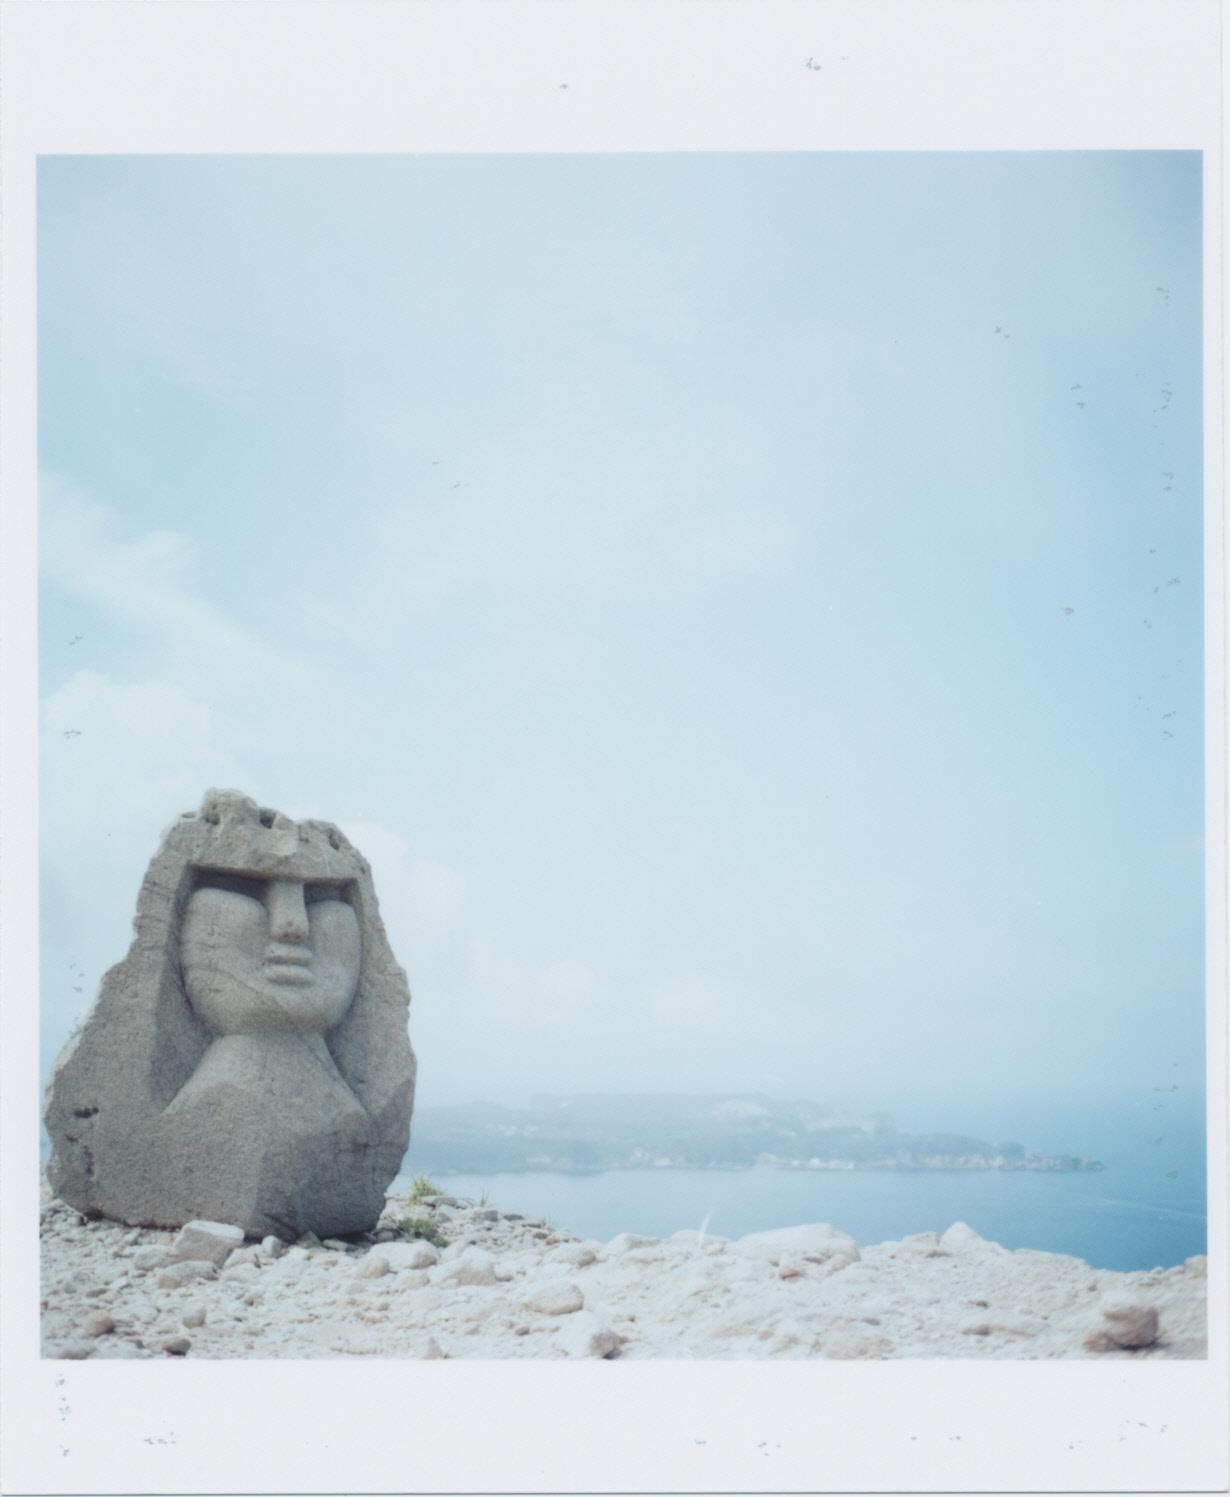 石山展望台05